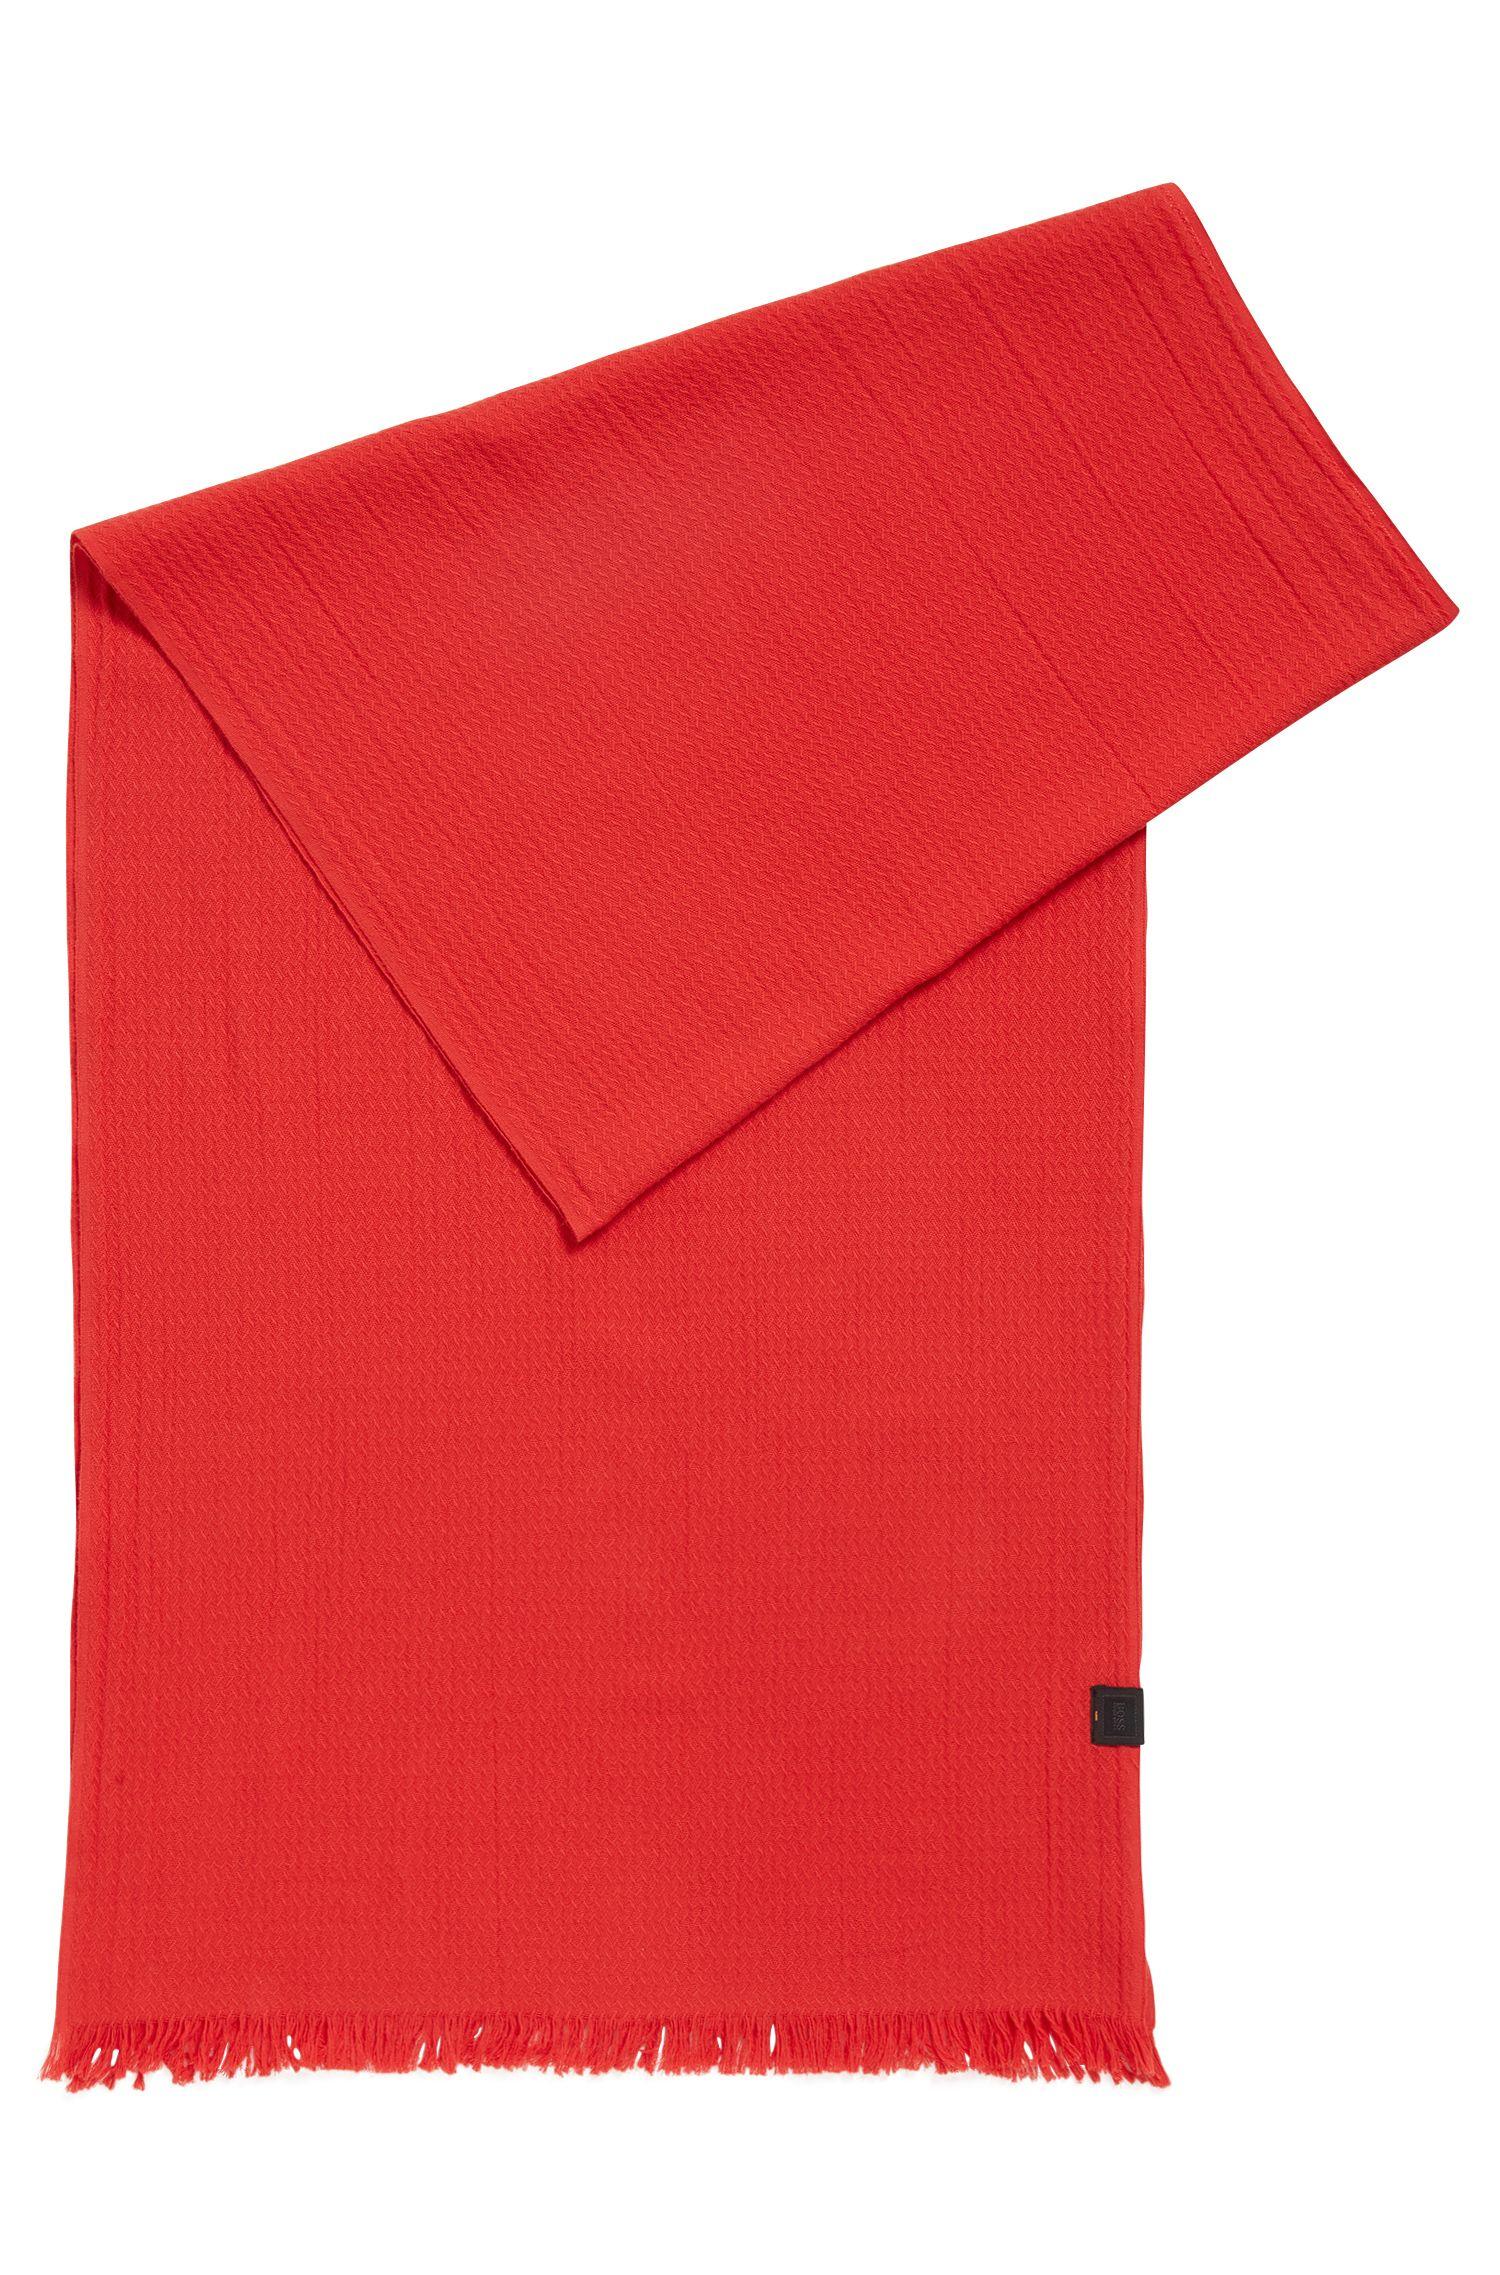 Schal aus strukturiertem Baumwoll-Jacquard